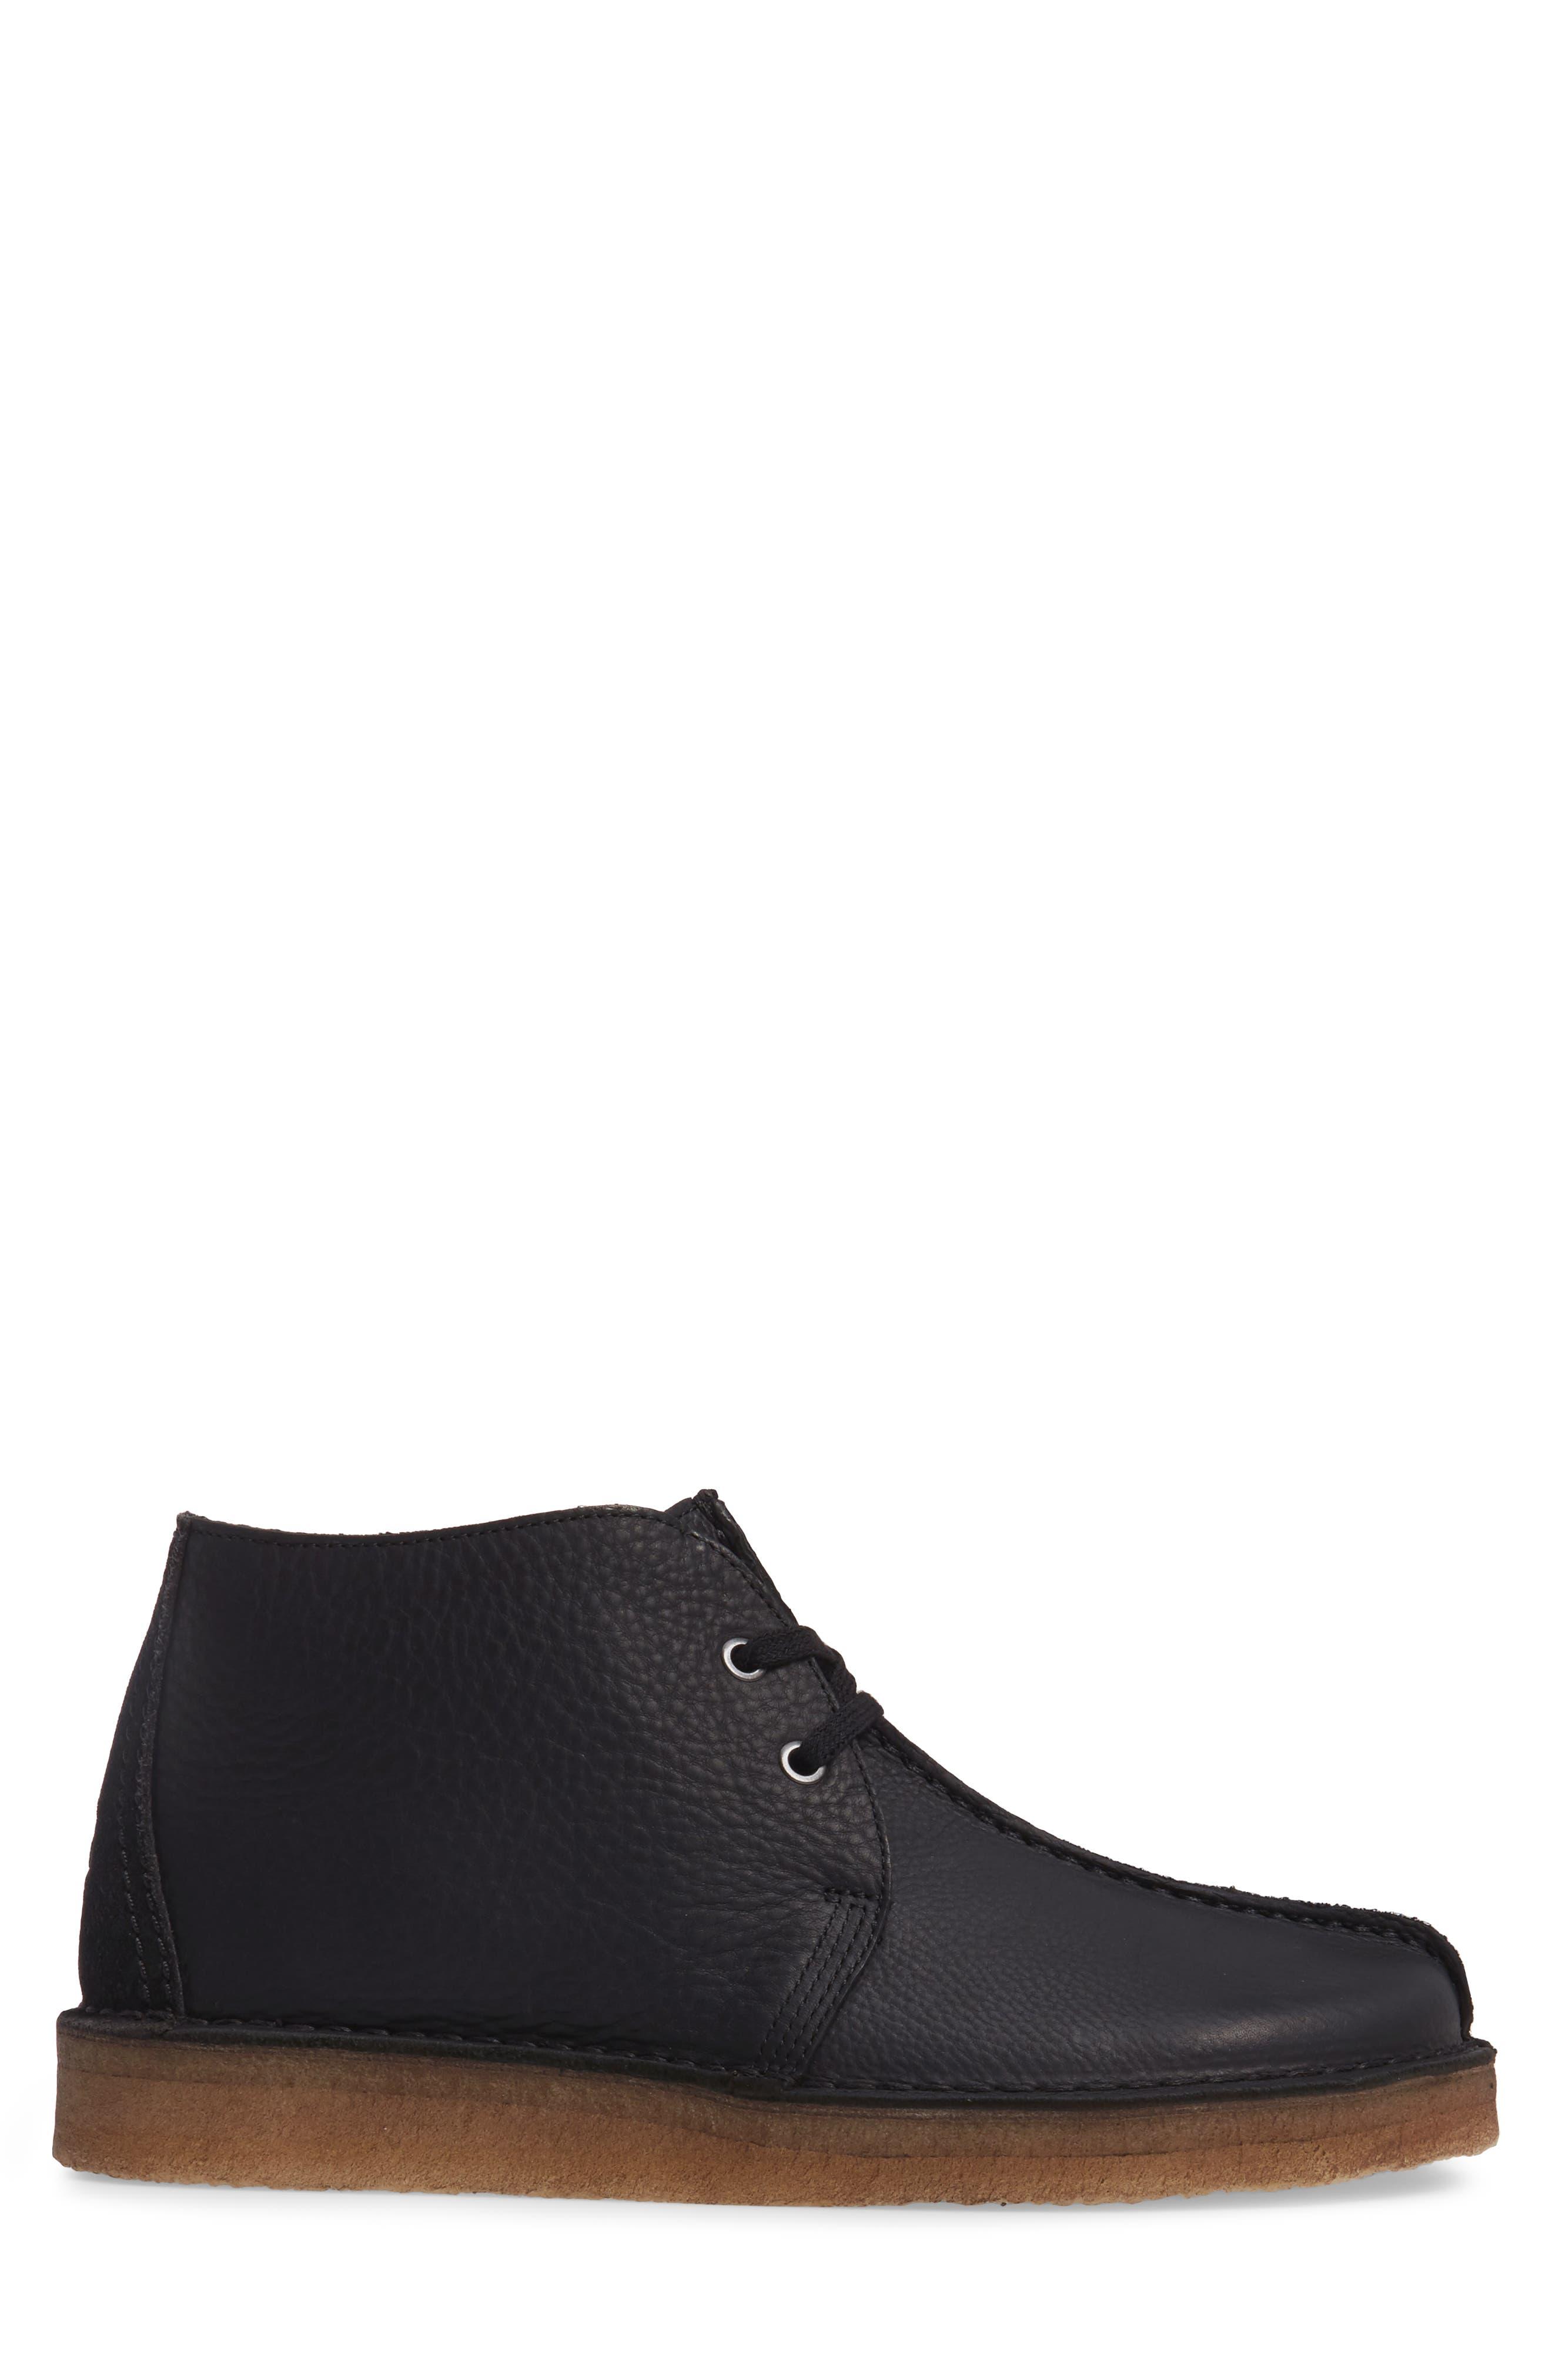 Clarks Desert Trek Leather Boot,                             Alternate thumbnail 3, color,                             Black Leather